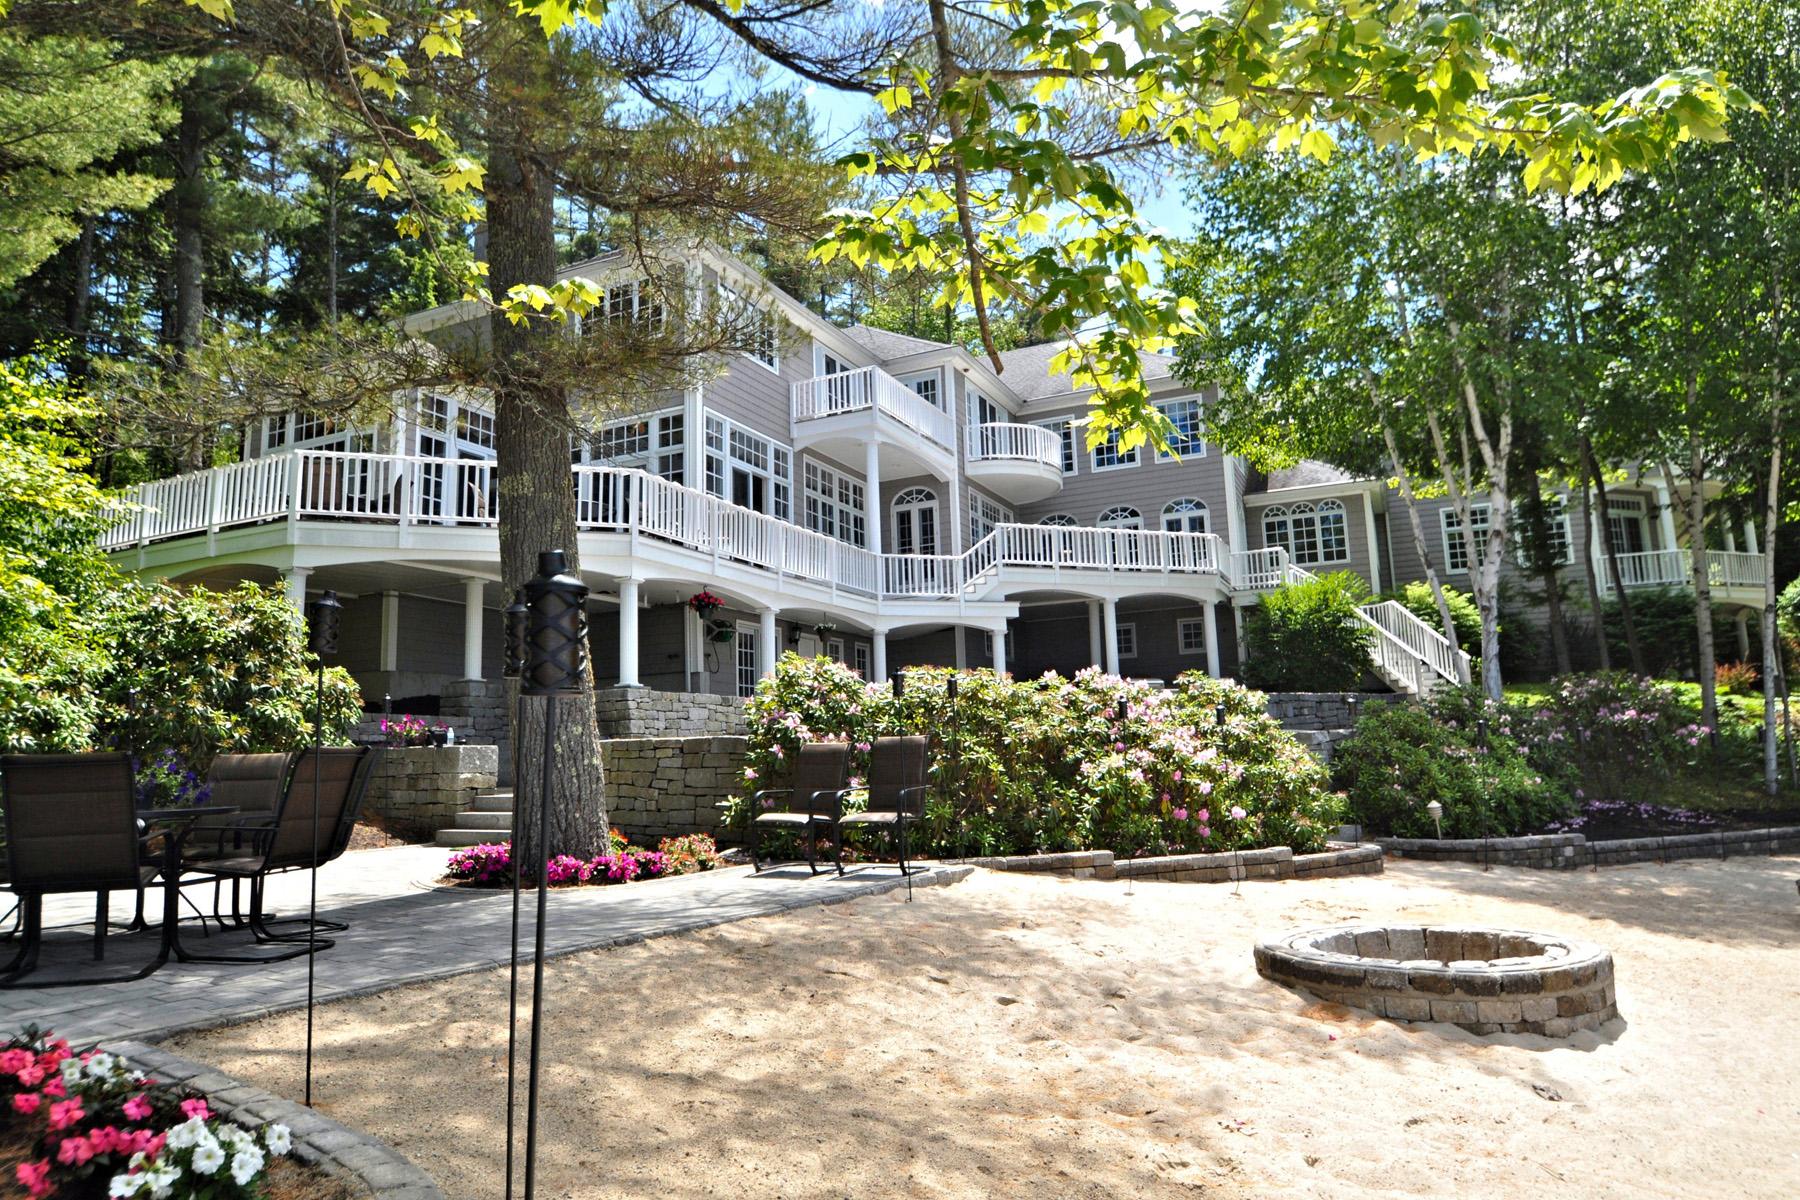 Einfamilienhaus für Verkauf beim 96 Hopewell Rd, Alton Alton, New Hampshire 03809 Vereinigte Staaten